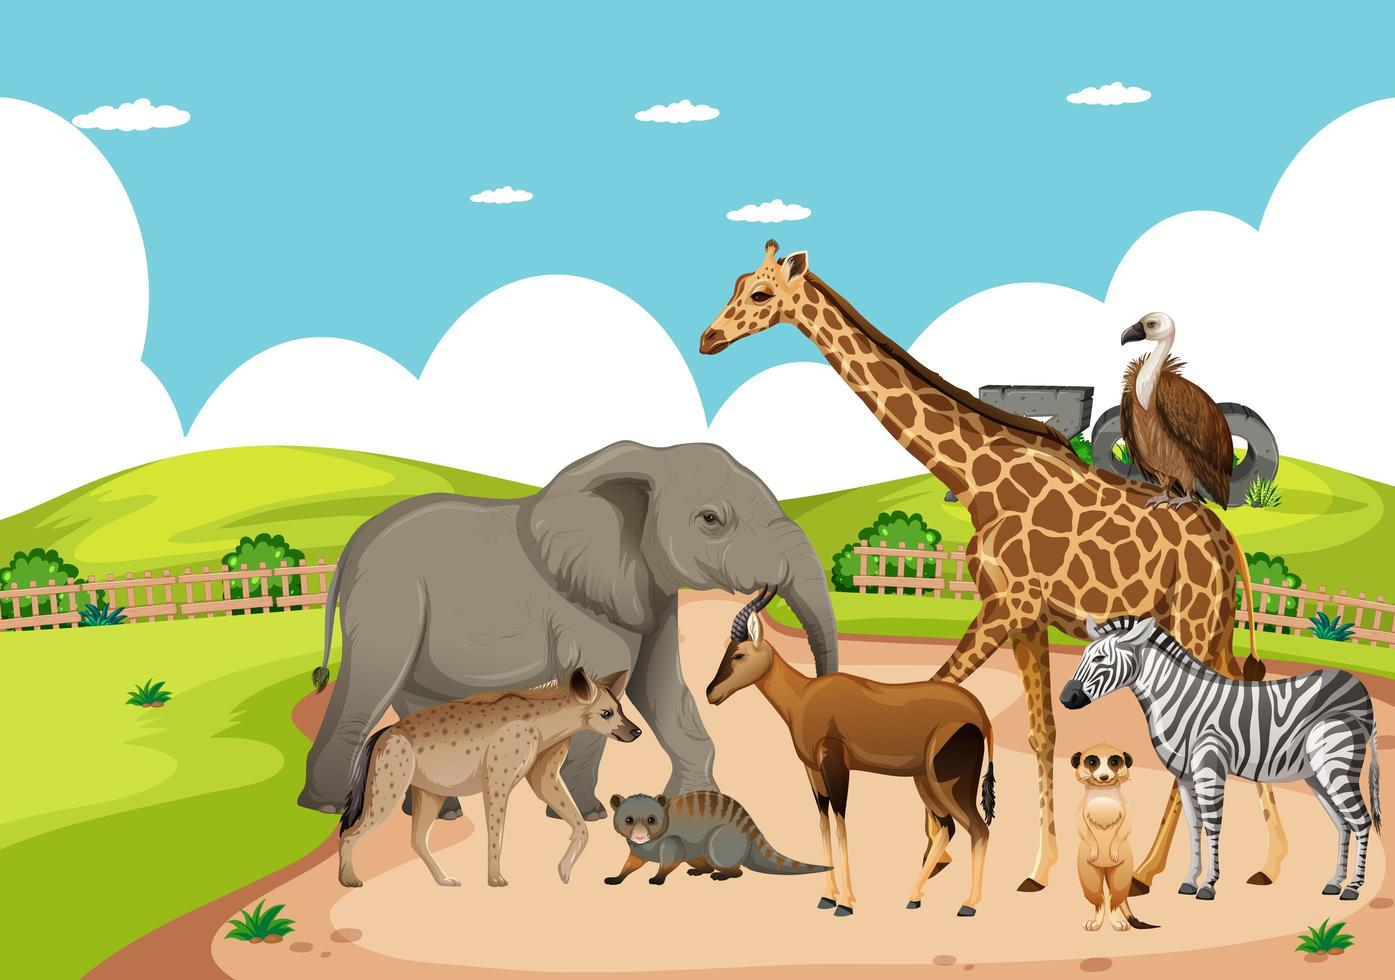 Gruppe von wilden afrikanischen Tieren in der Zooszene vektor